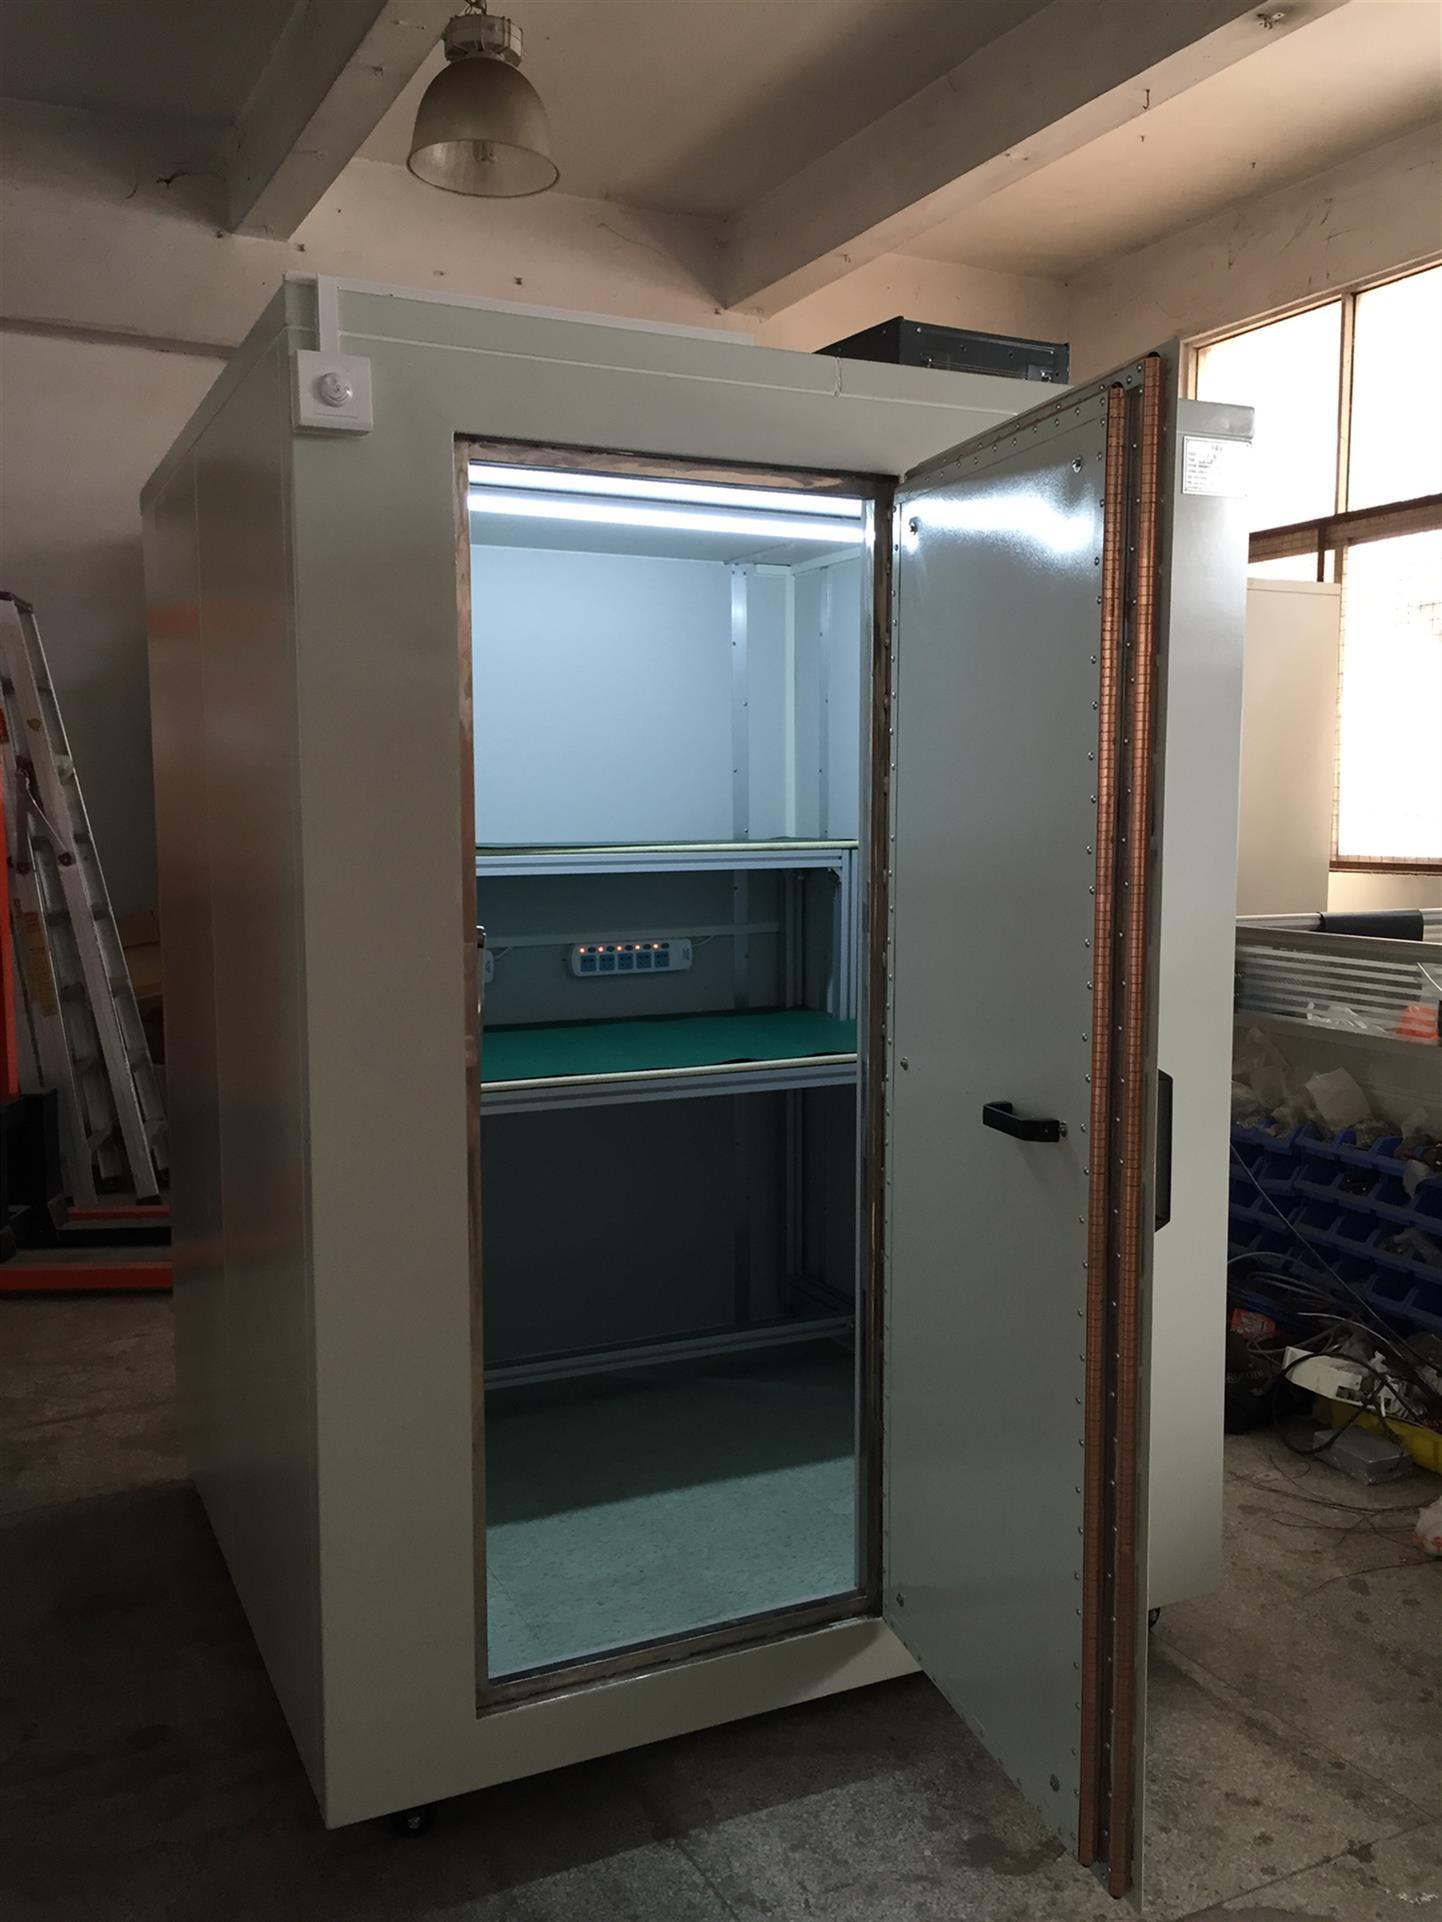 深圳市生产加工屏蔽房屏蔽暗室高频屏蔽房厂家